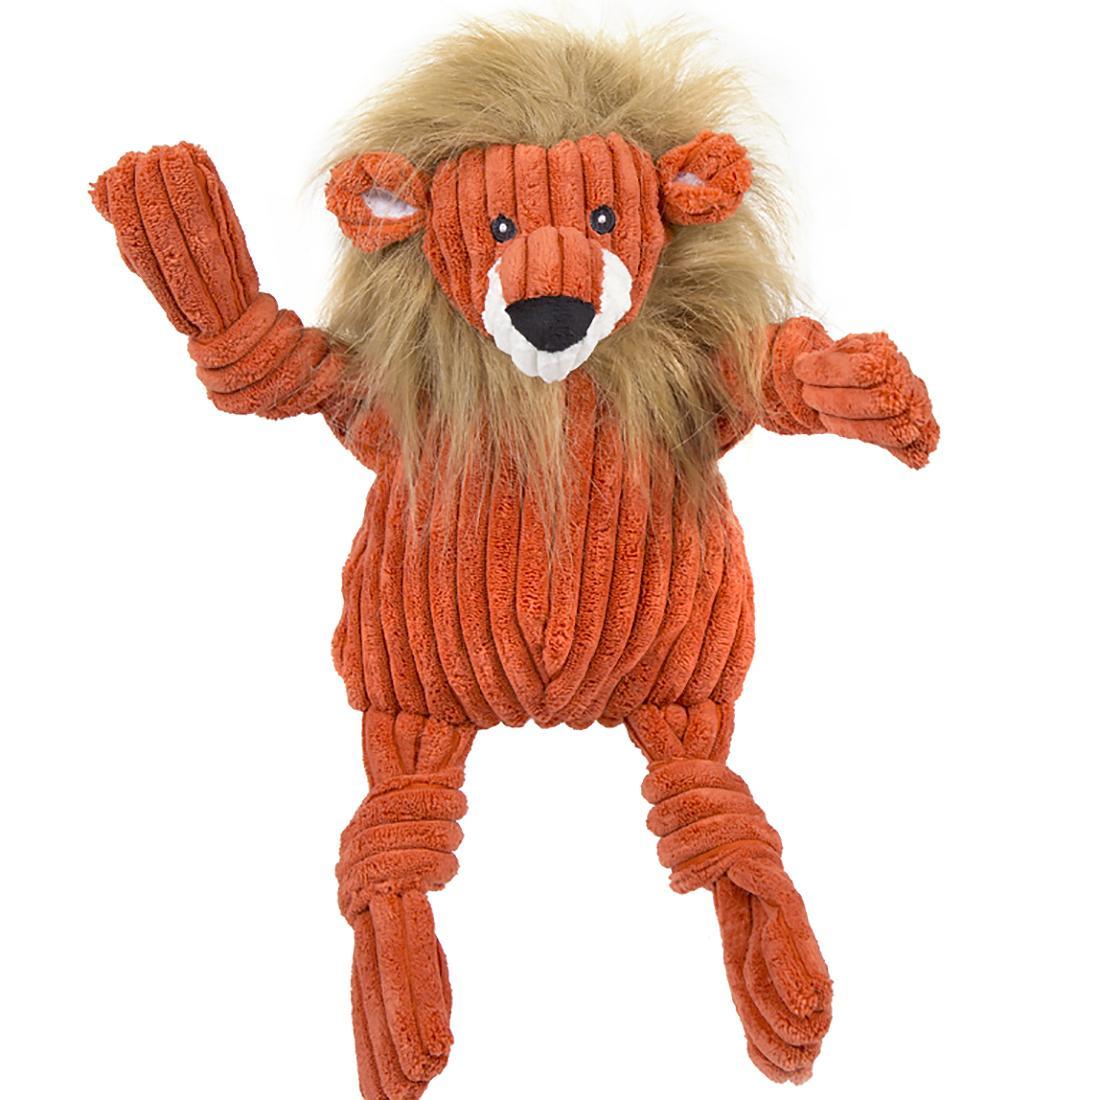 HuggleHounds Knotties Dog Toy - Lion